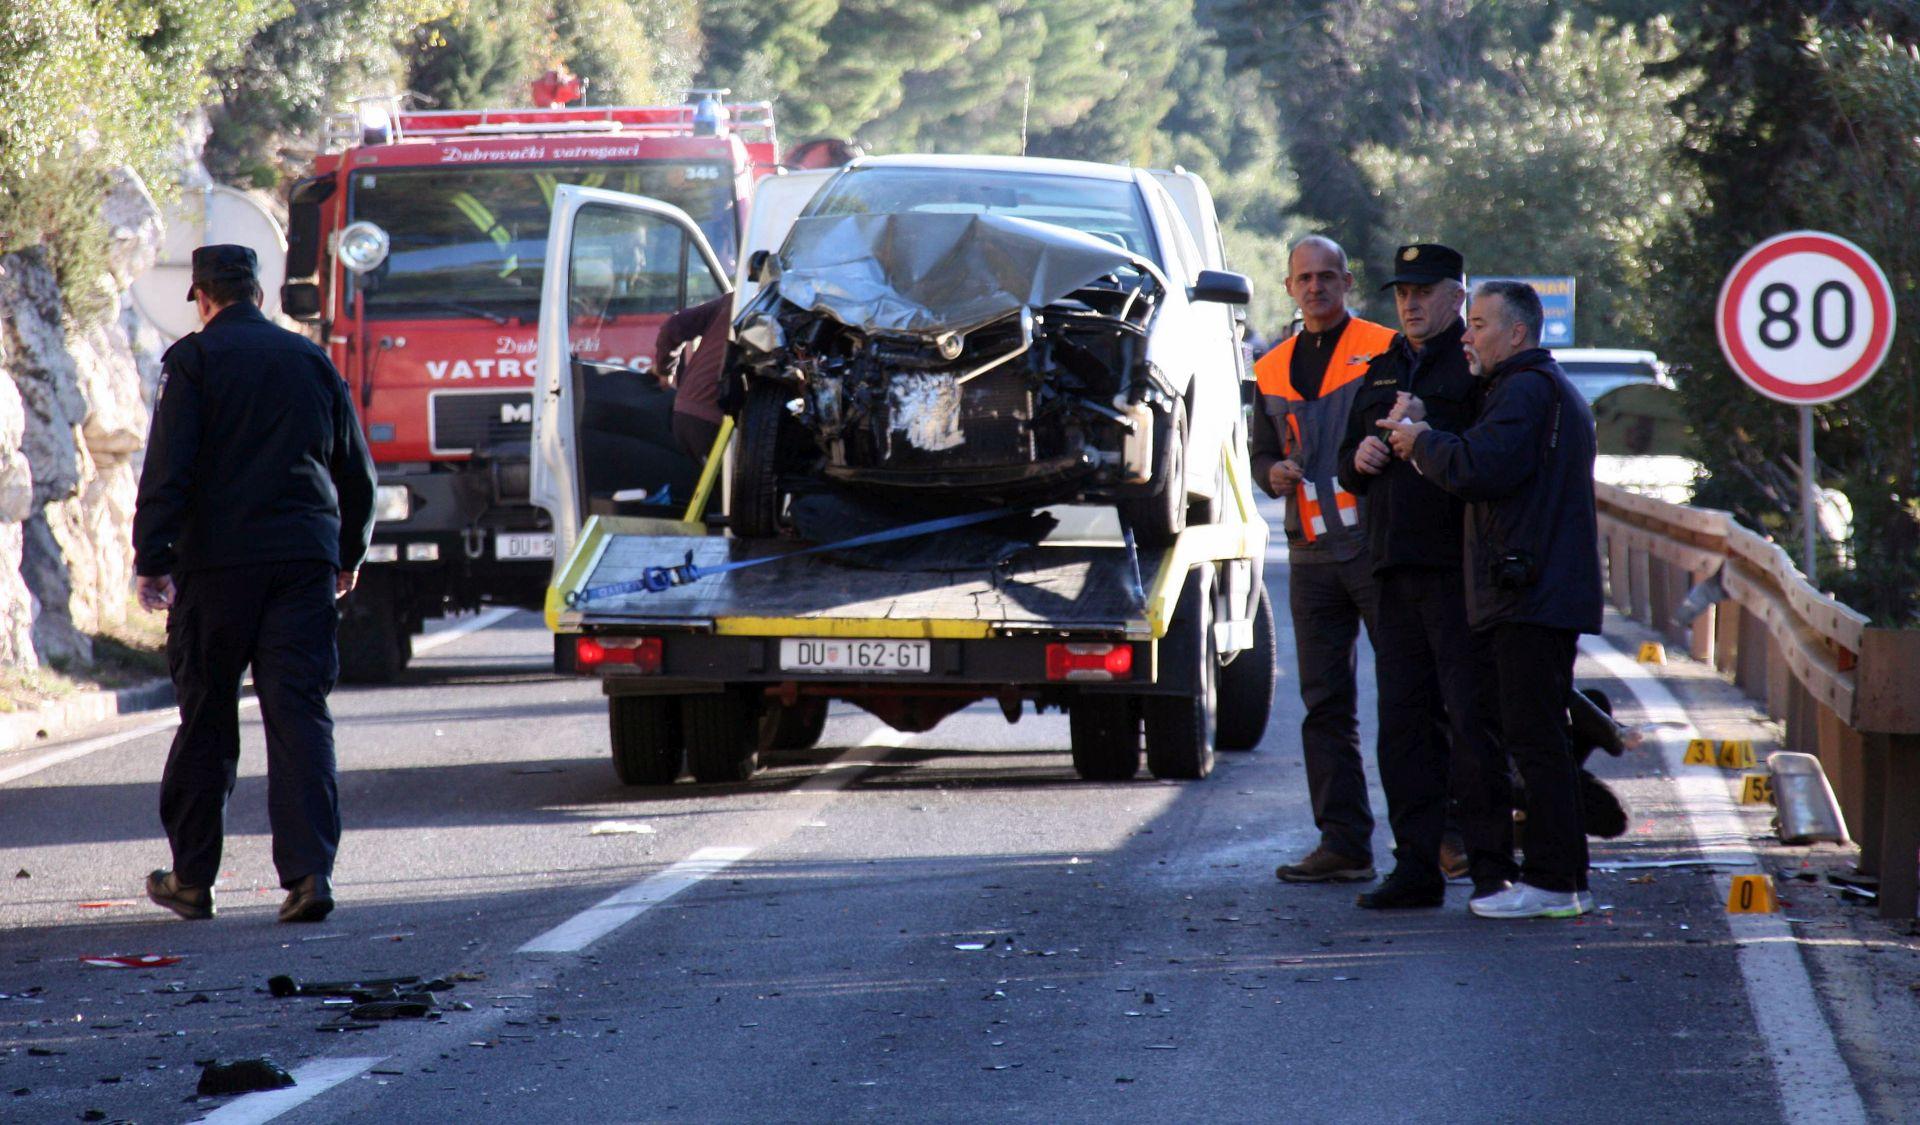 PROMETNA NESREĆA: Lančani sudar pet vozila u Dubrovniku, više ozlijeđenih